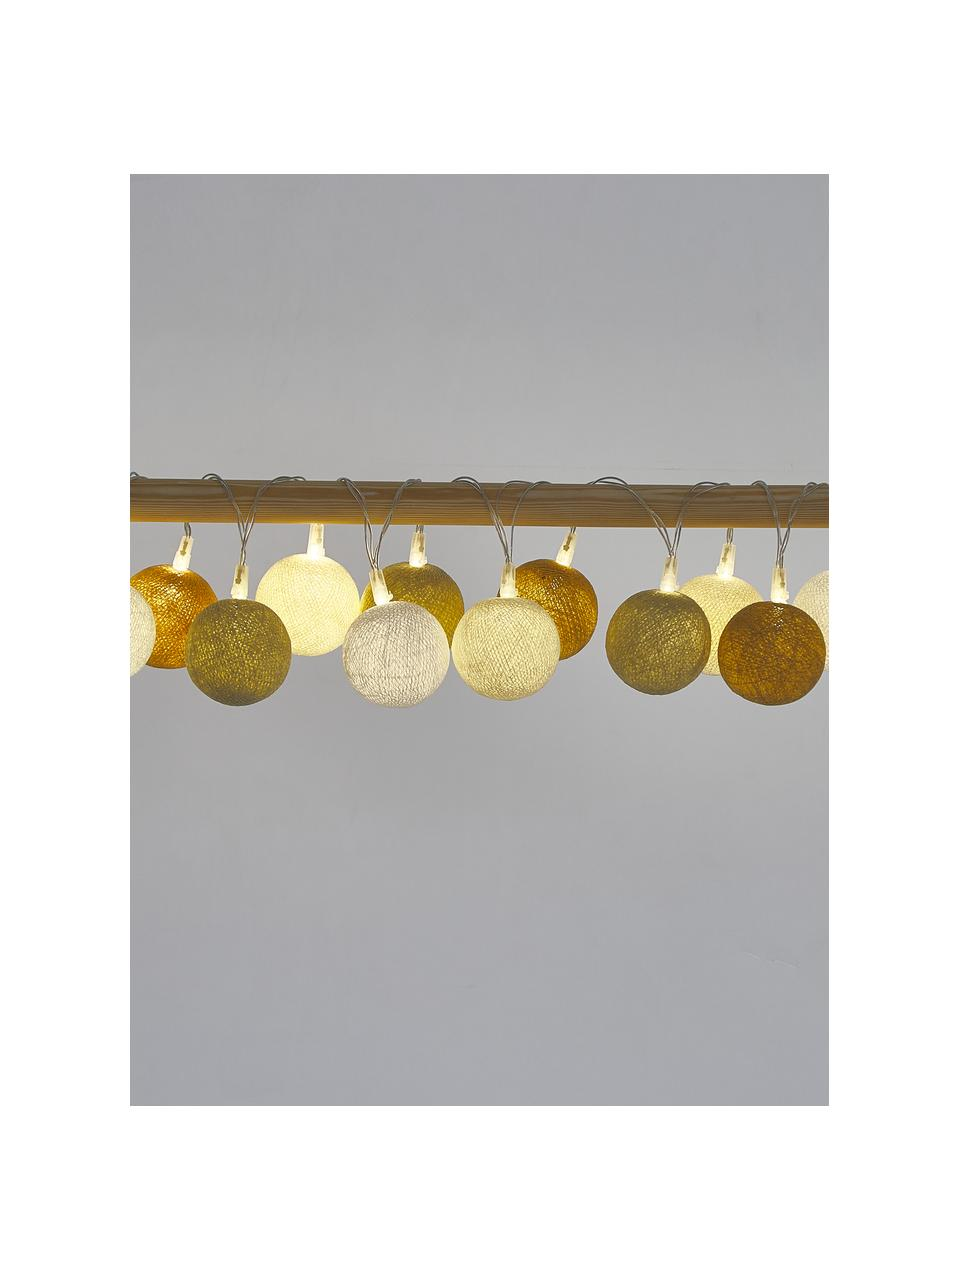 LED-Lichterkette Colorain, 378 cm, 20 Lampions, Weiß, Creme, Beige, Senfgelb, L 378 cm